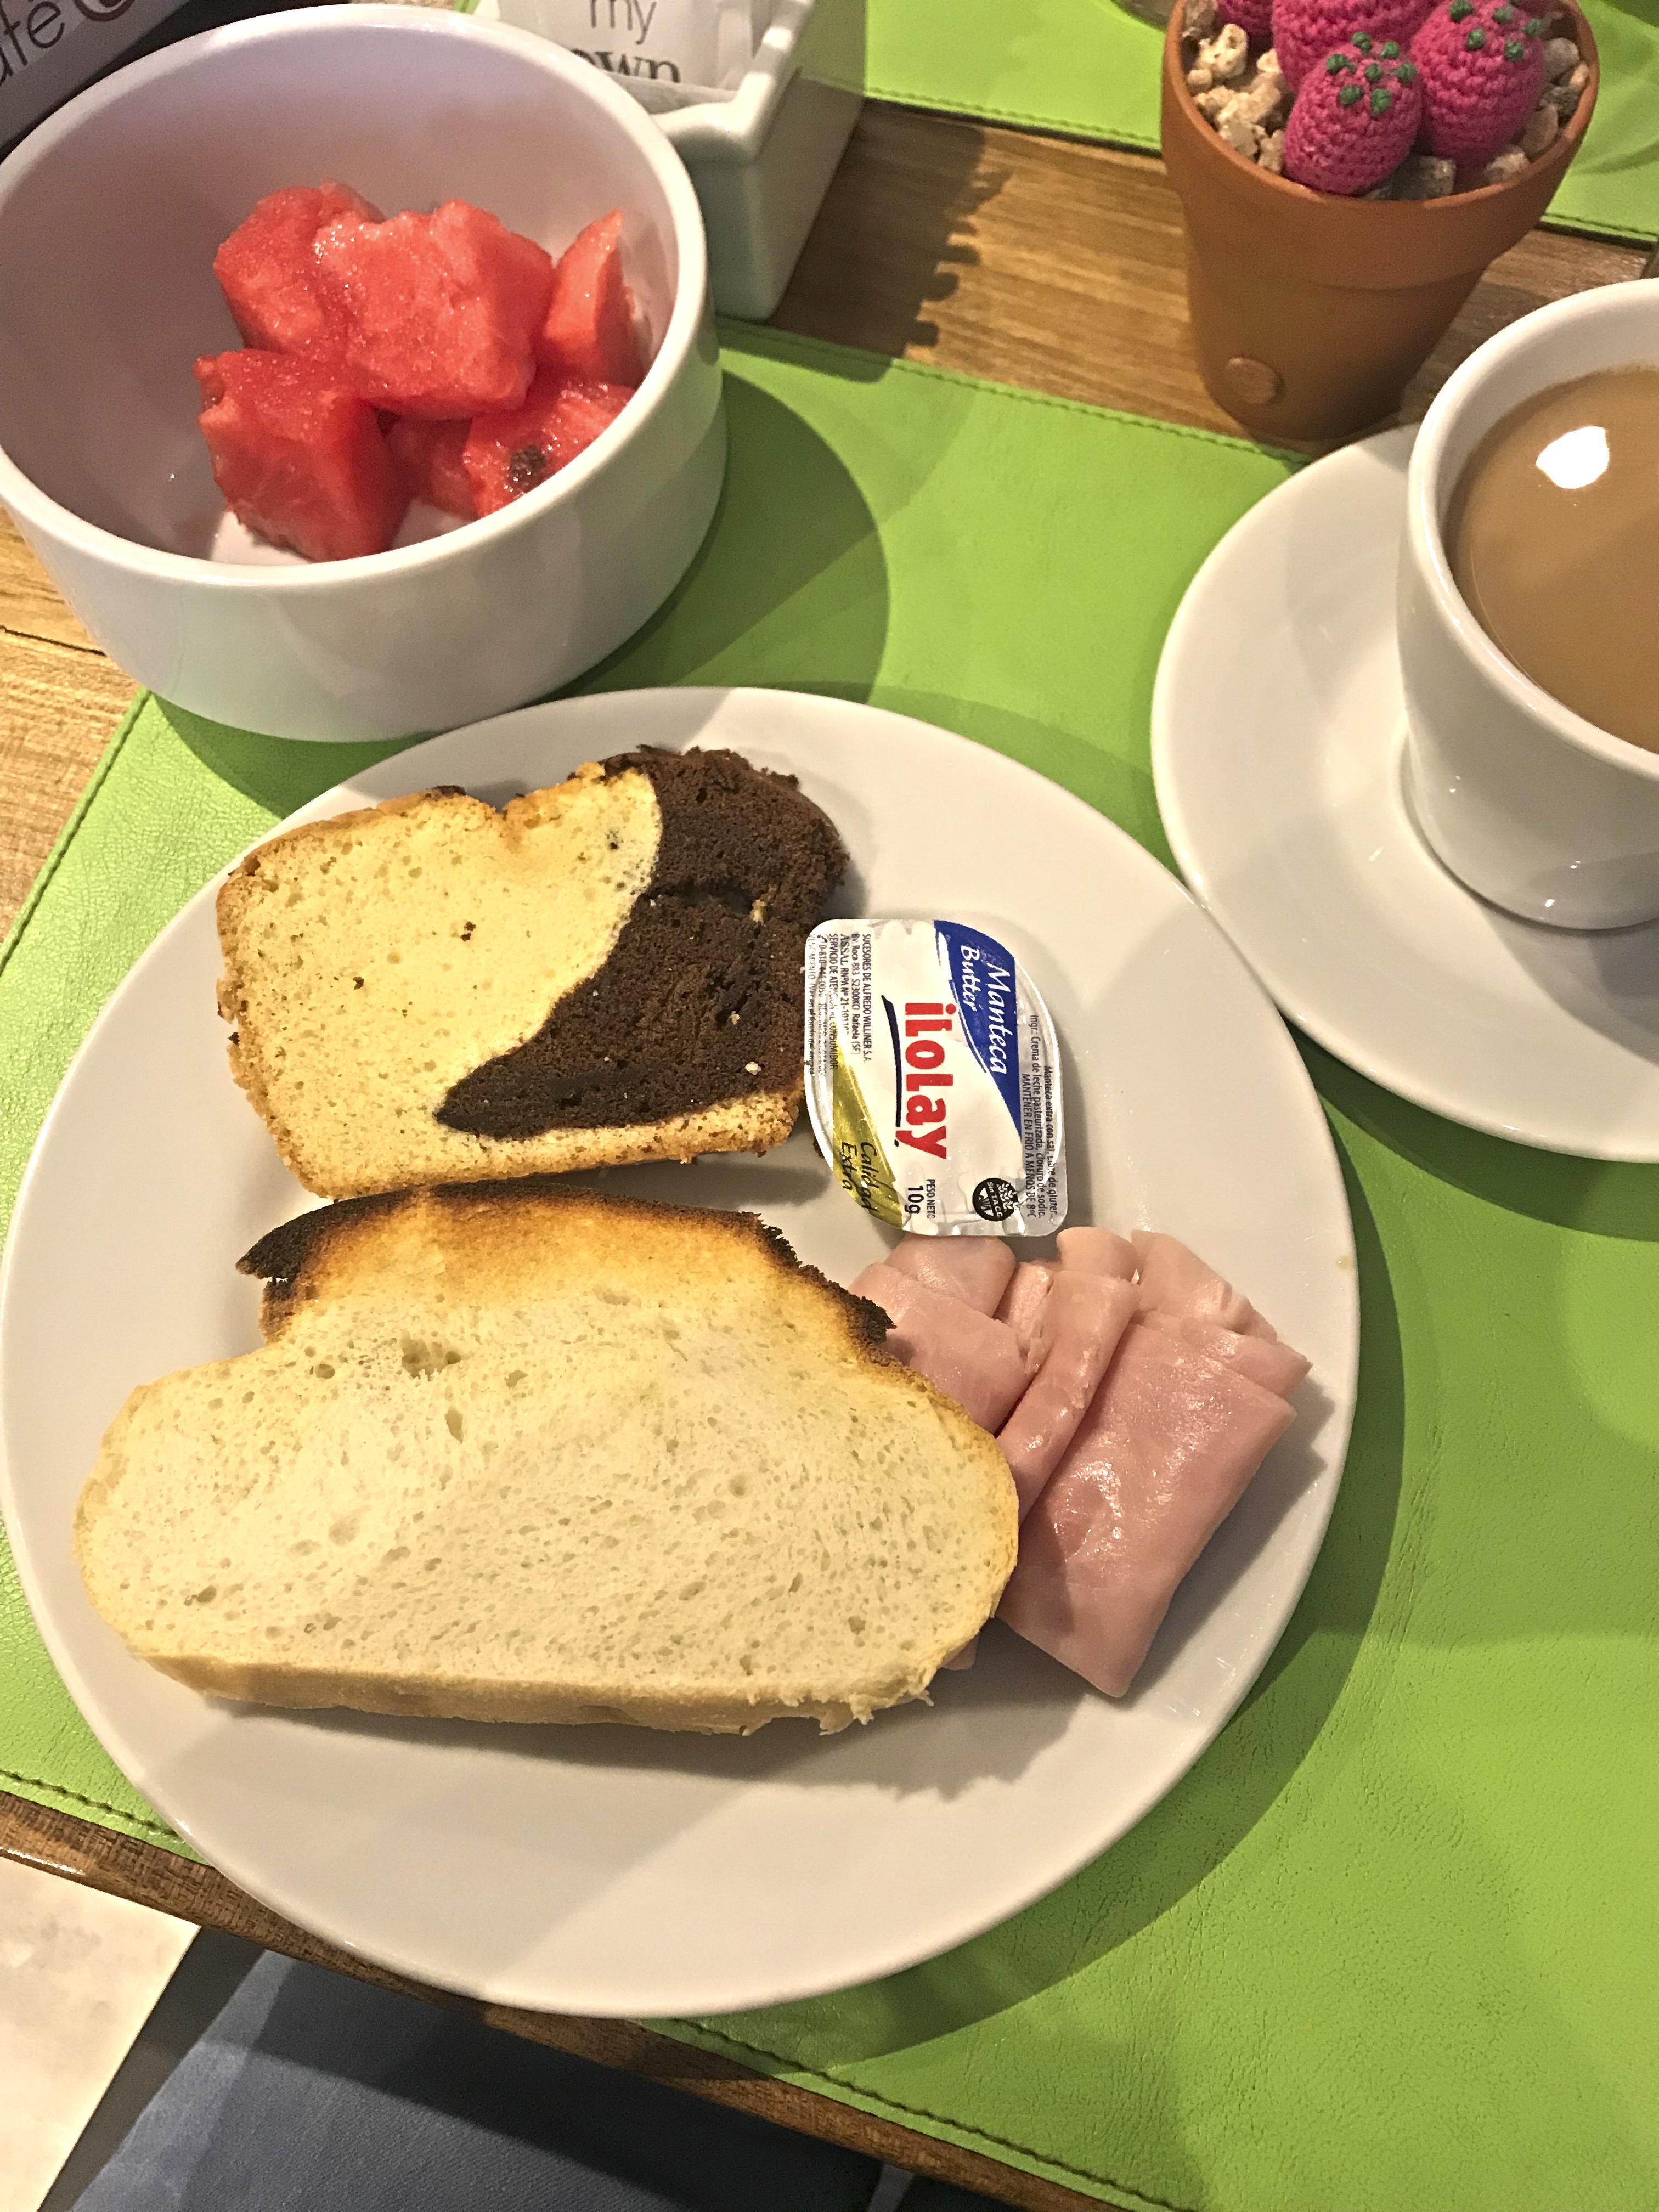 Pedaços de melancia em um pote, fatia de bolo de branco com chocolate, torrada, manteiga e presunto em um prato e xícara com chocolate quente.